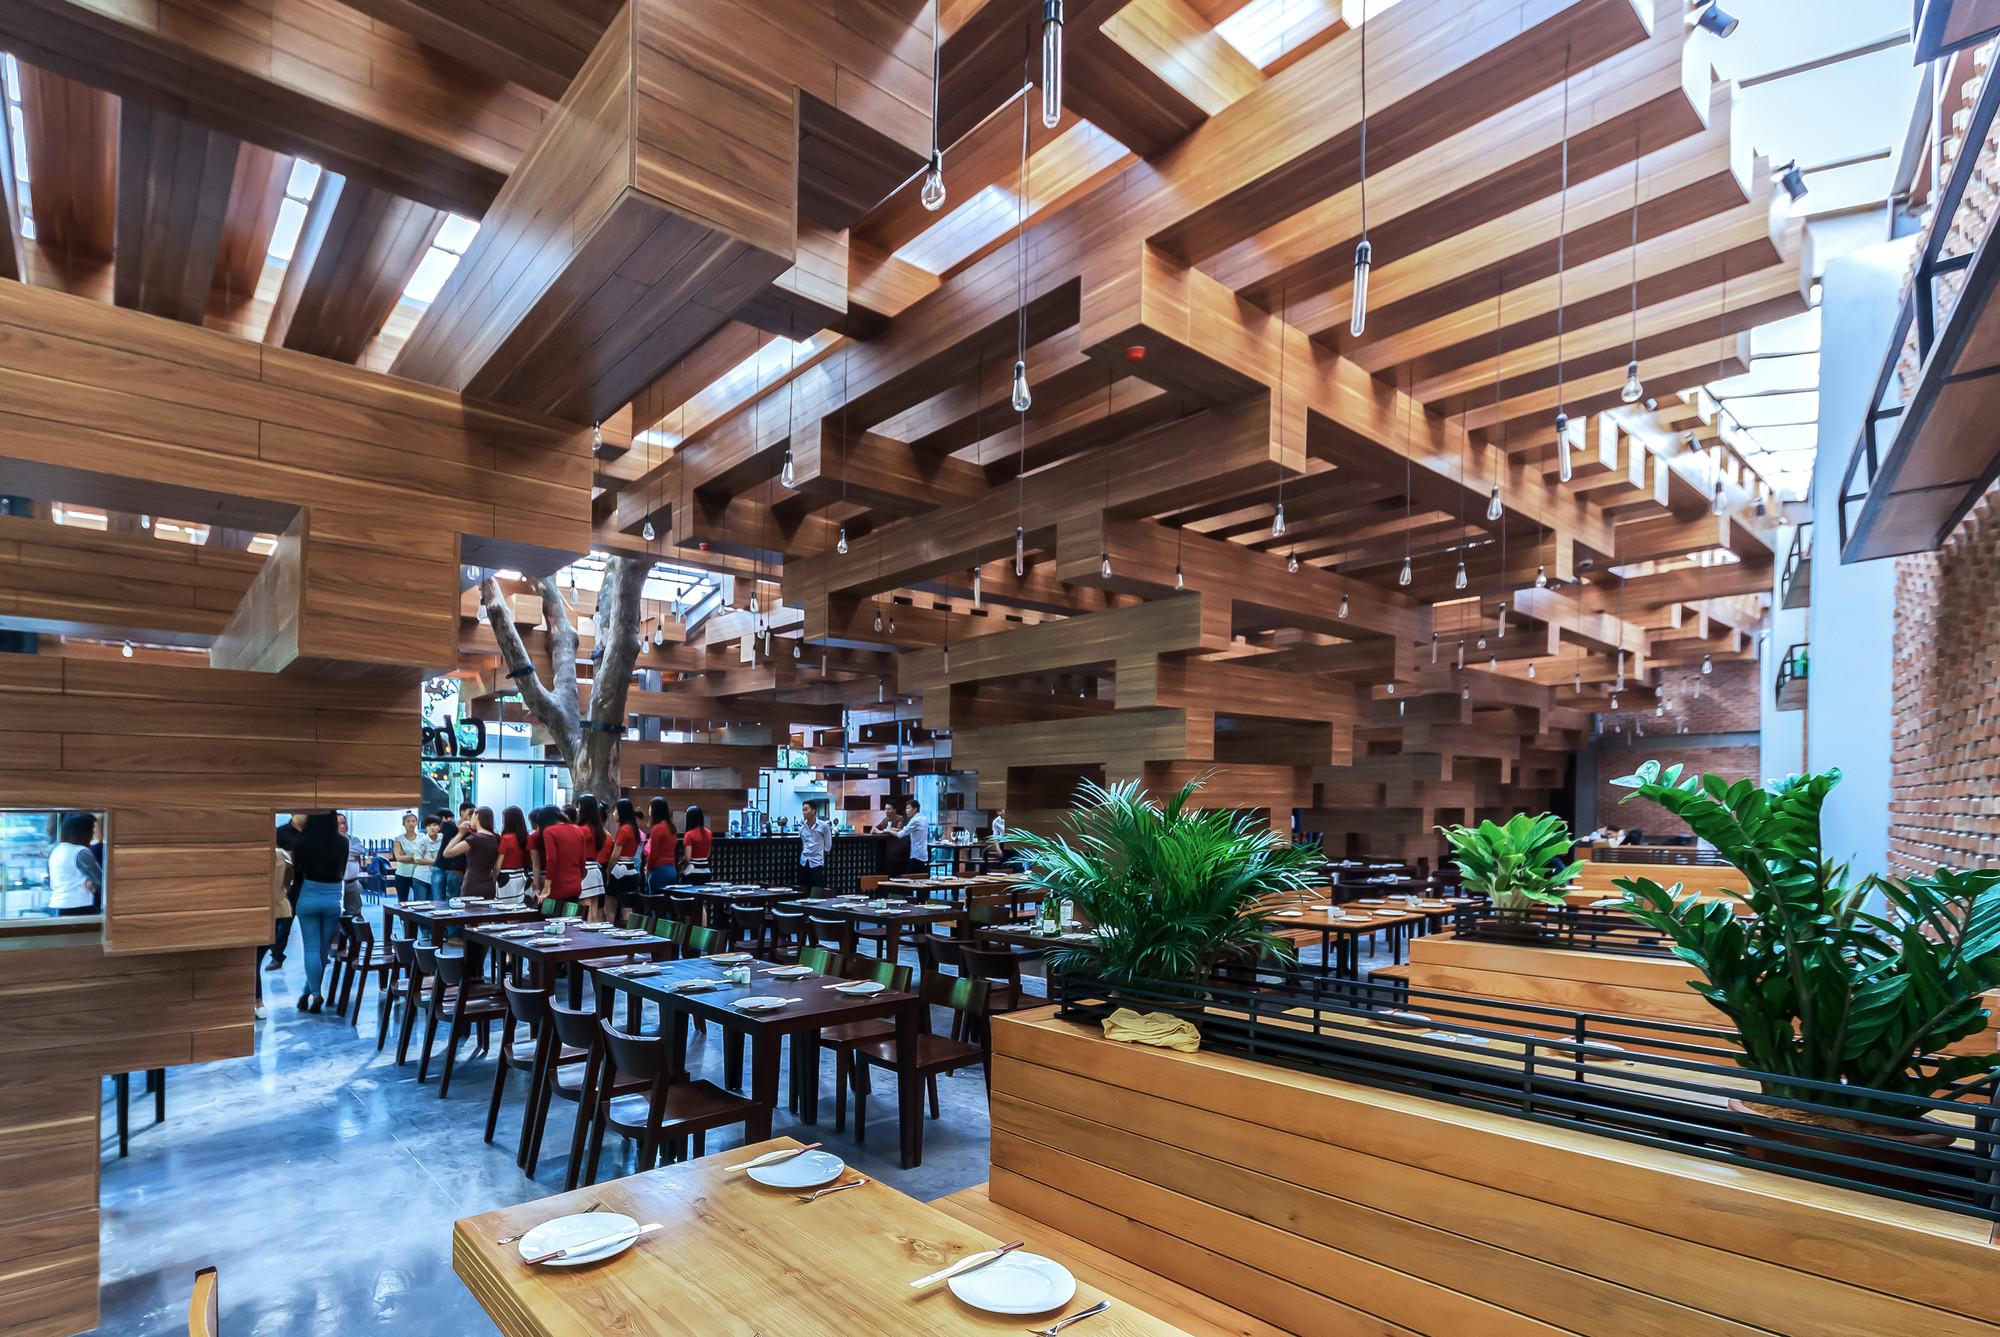 Картинки деревянного ресторана